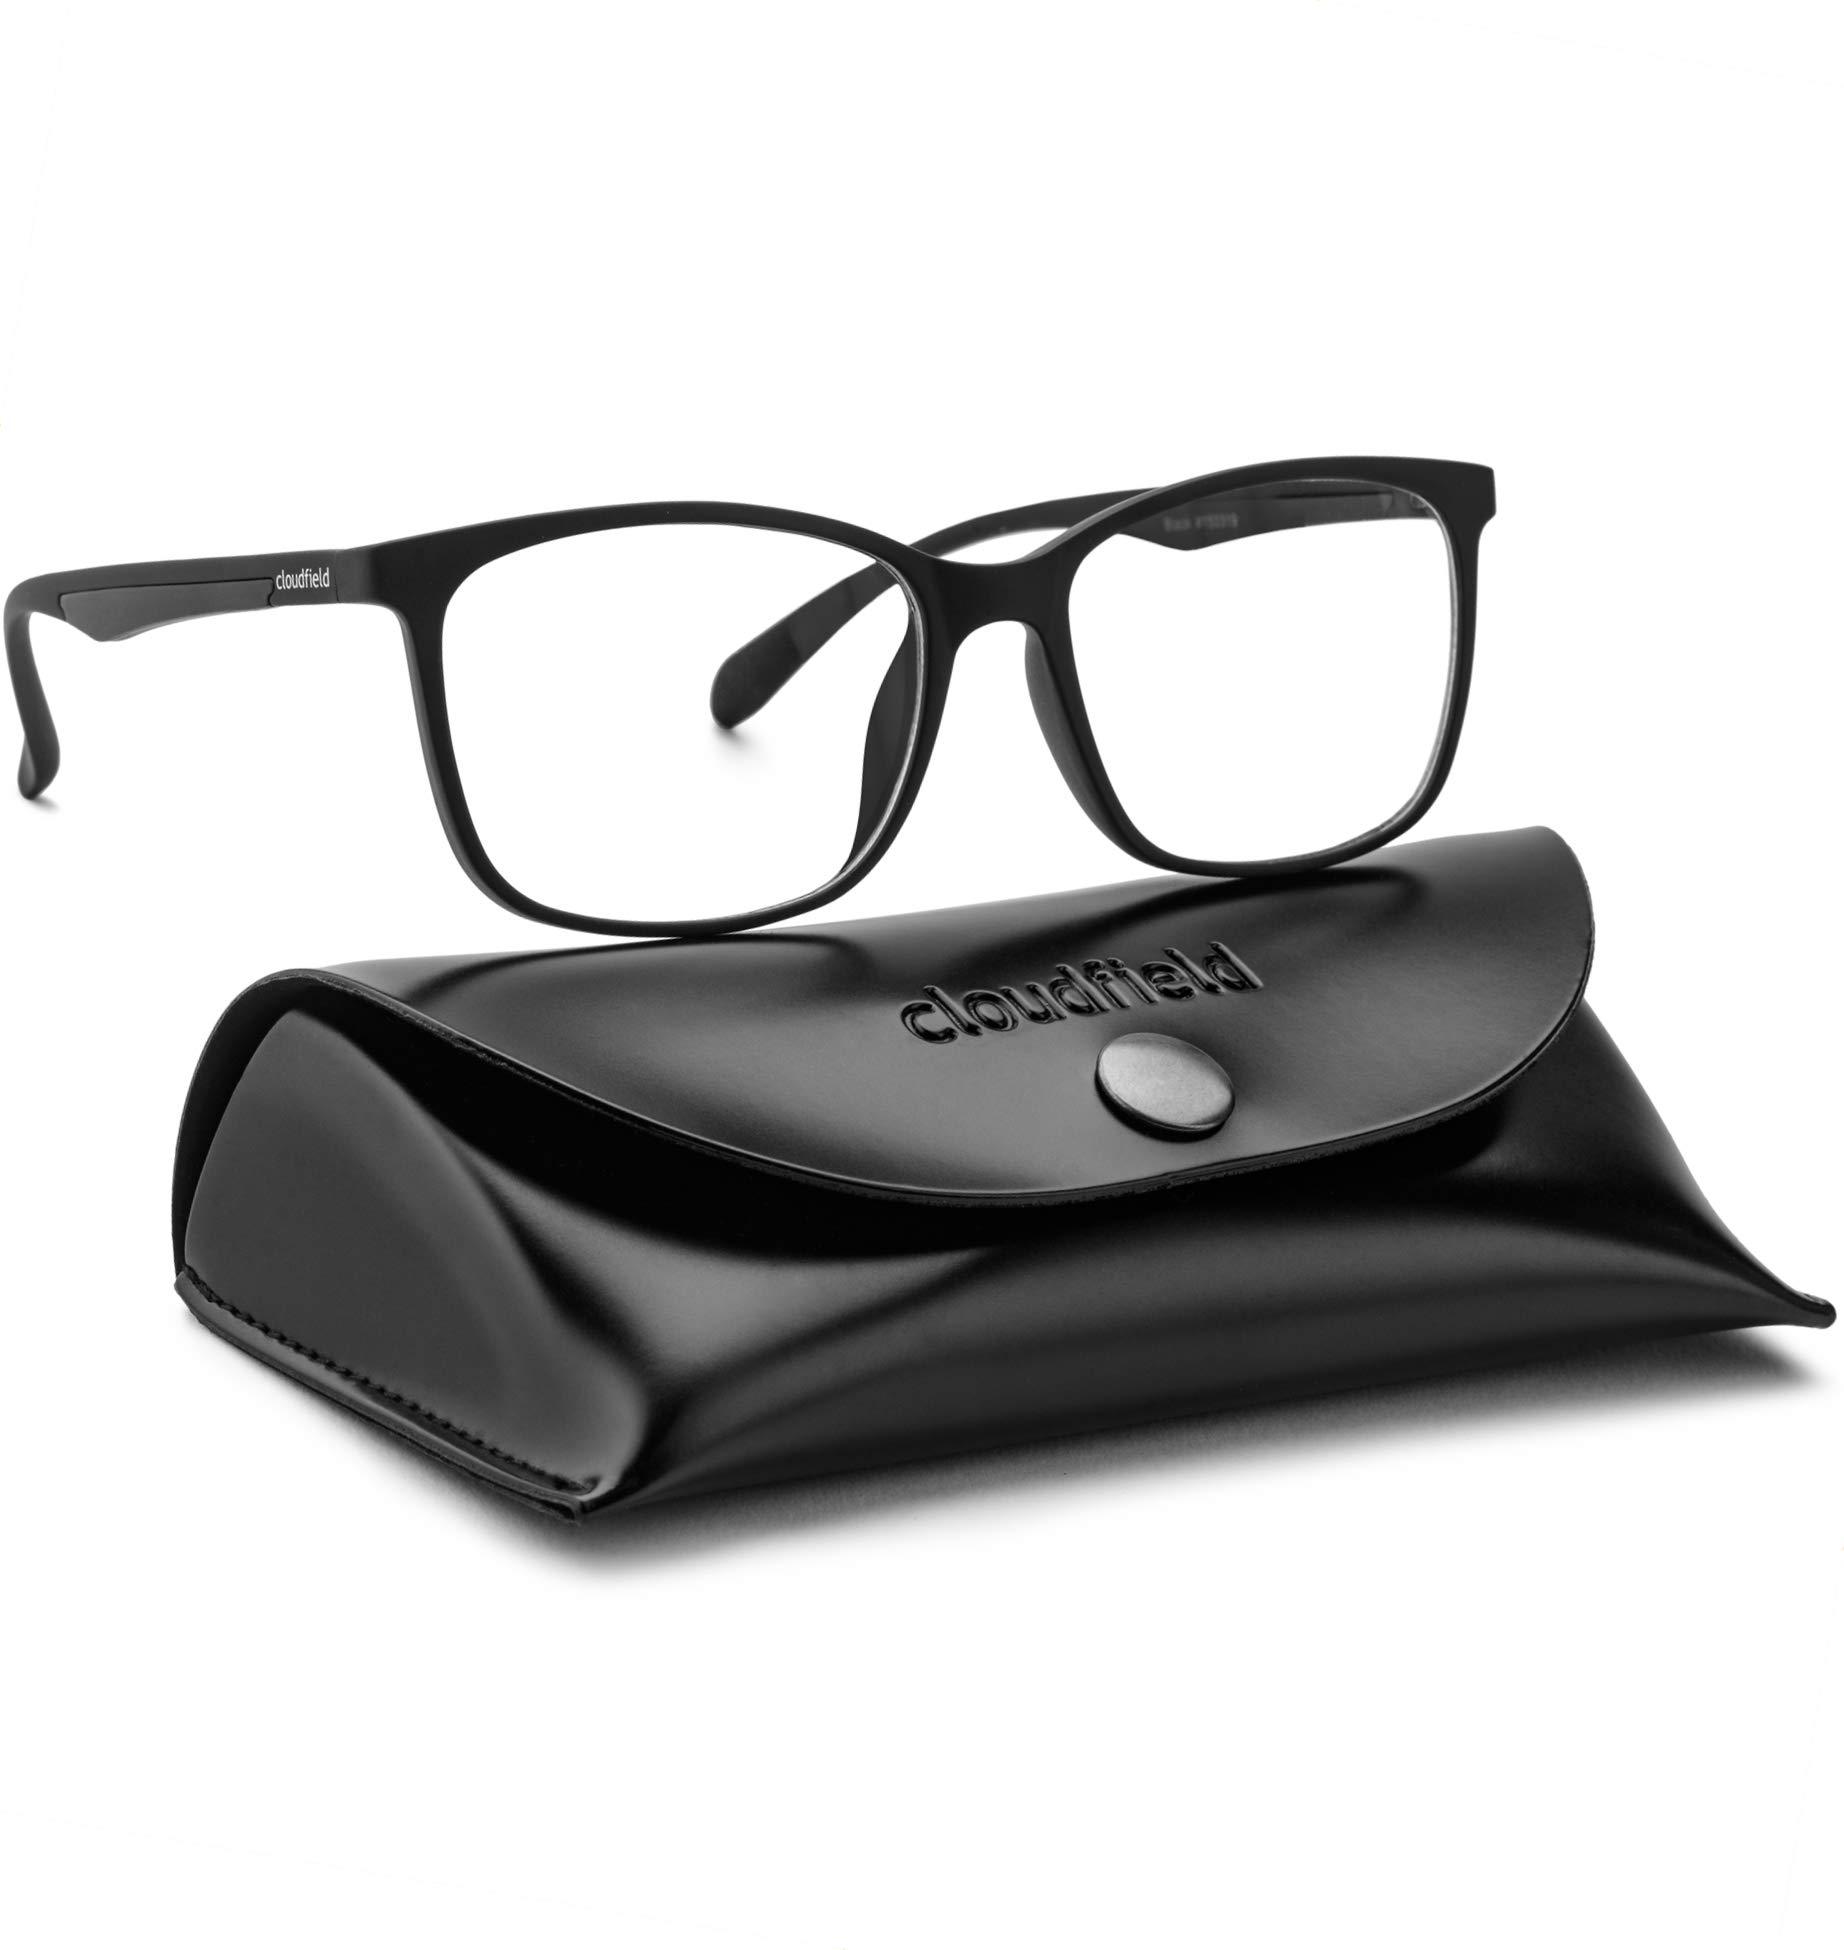 6c5cf49059 Blue Light Blocking Glasses for Women Men - Balck Square Nerd Eyeglasses  Frame - Anti Blue Ray Computer Gaming Glasses - Transparent UV Lenses for  Reading ...